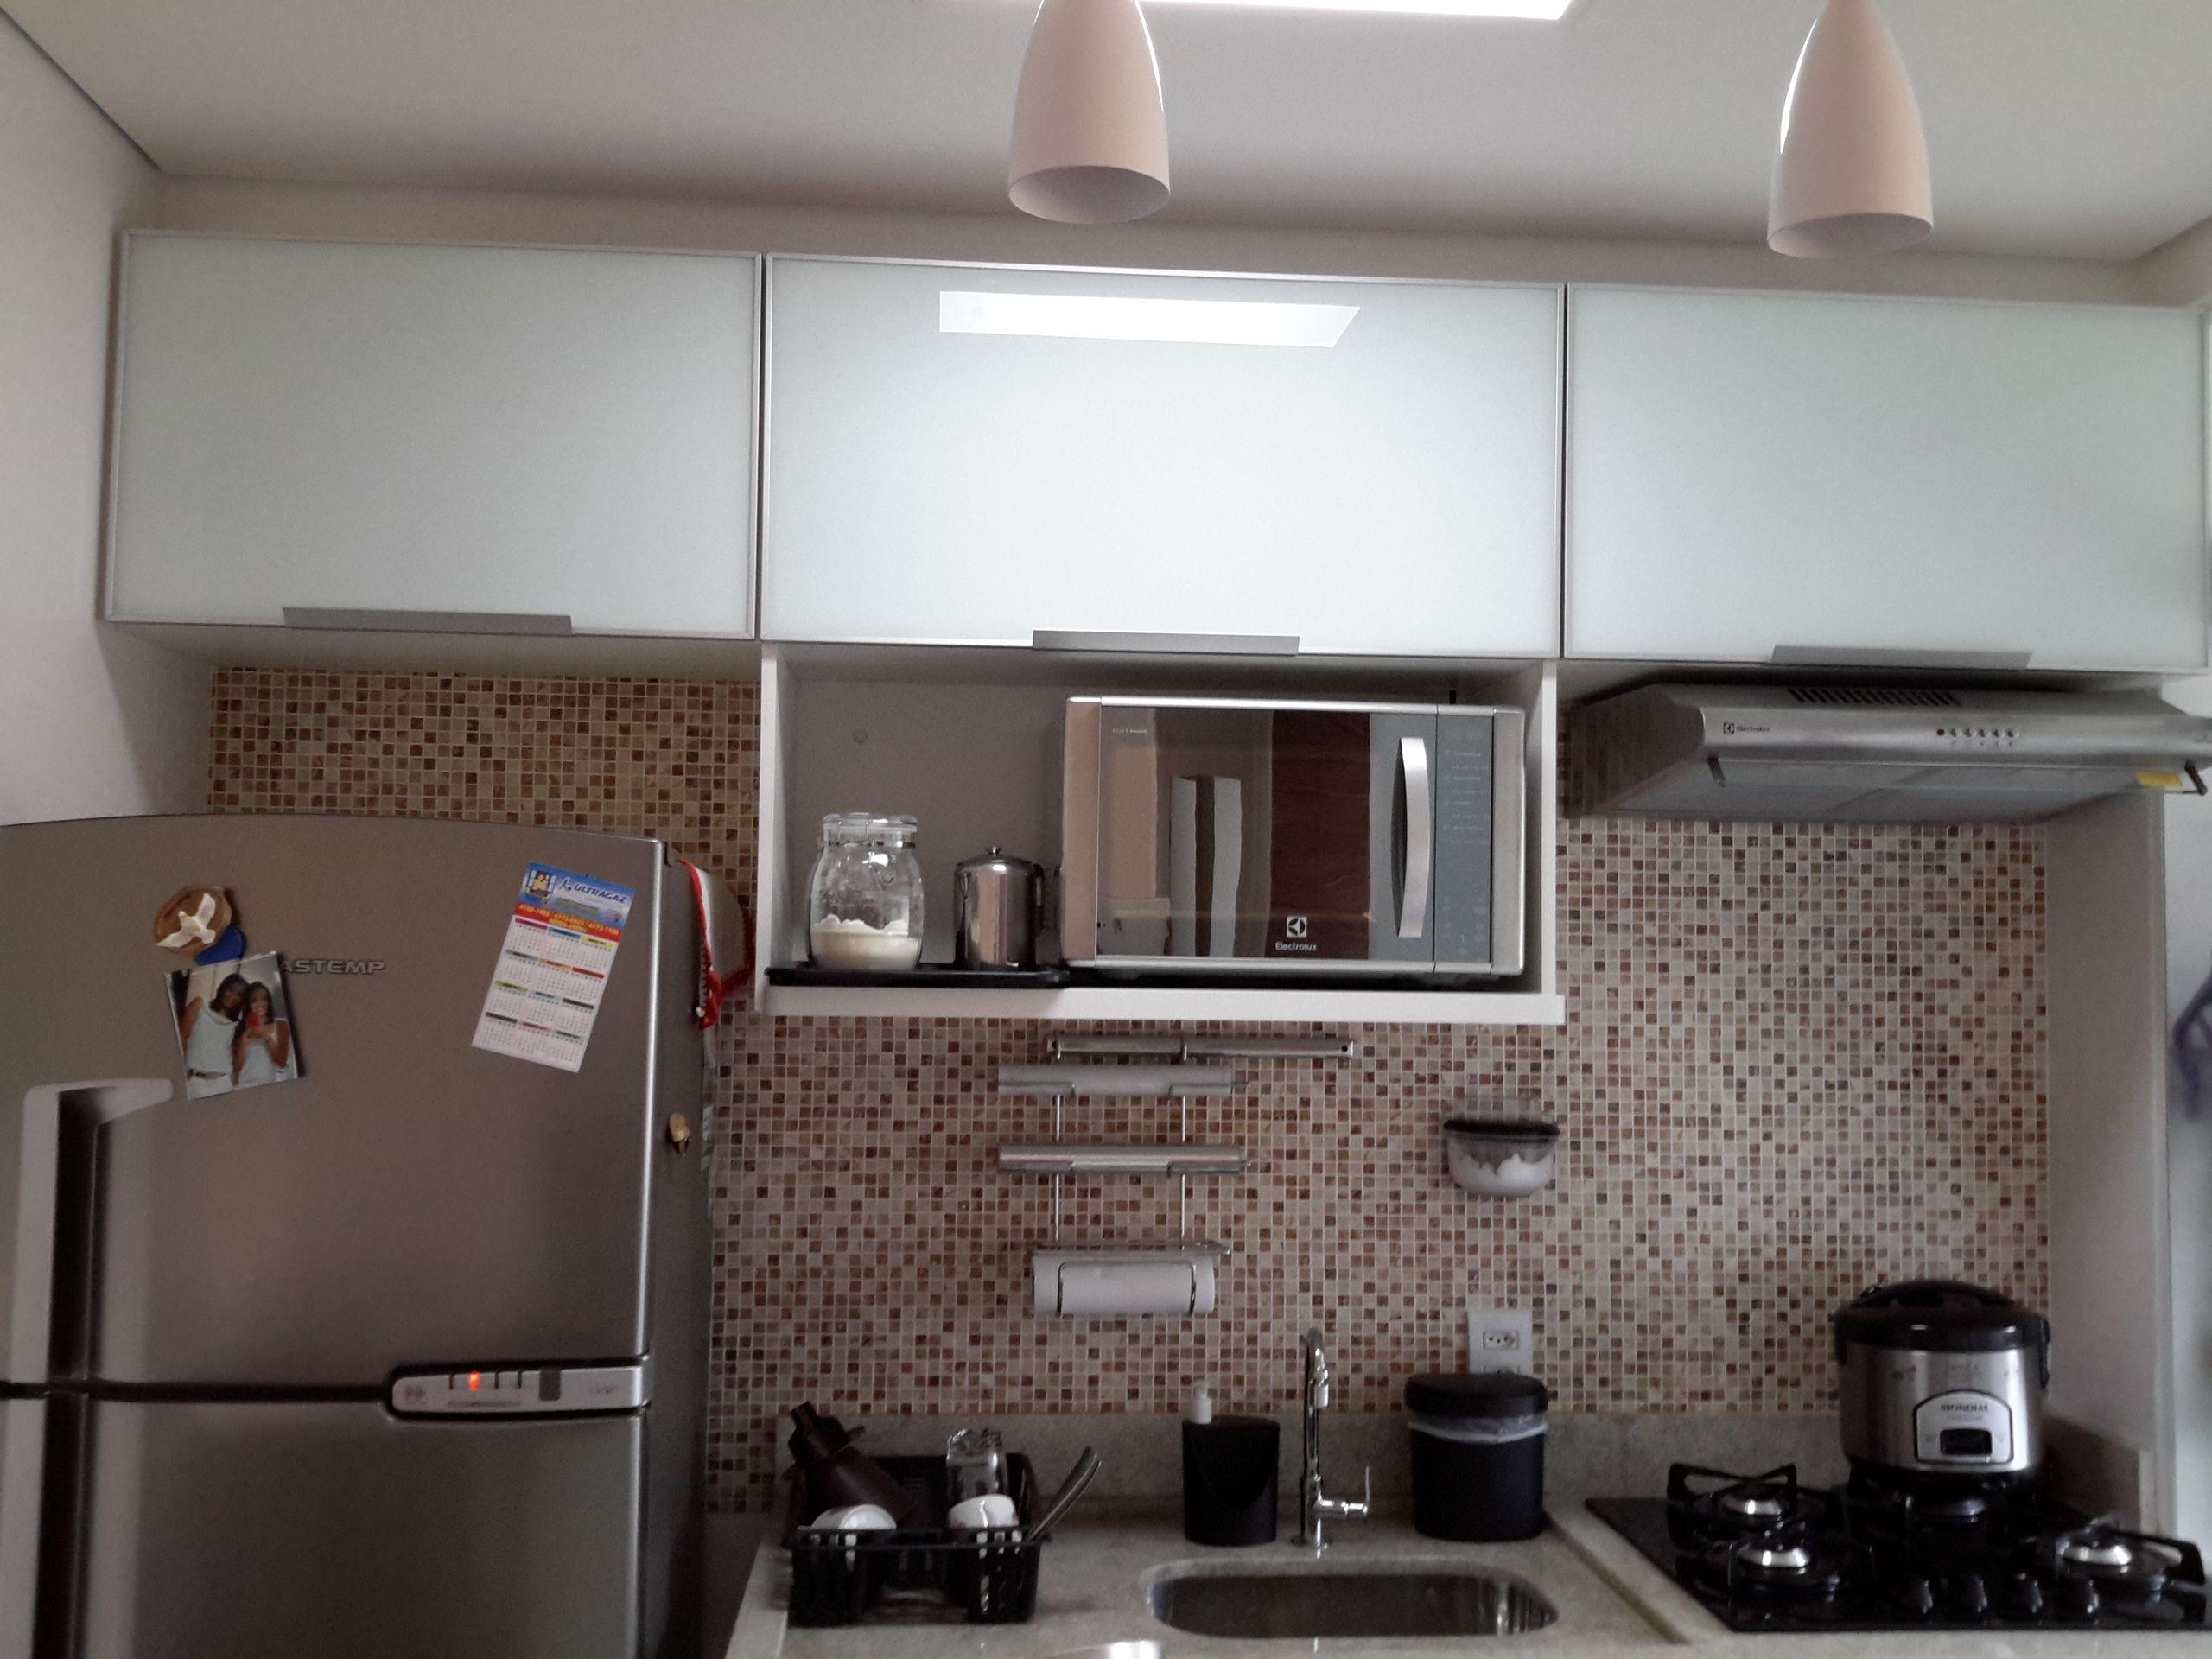 Cozinha Planejada Para Apartamento Inspire Barueri Cozinhaplanejada